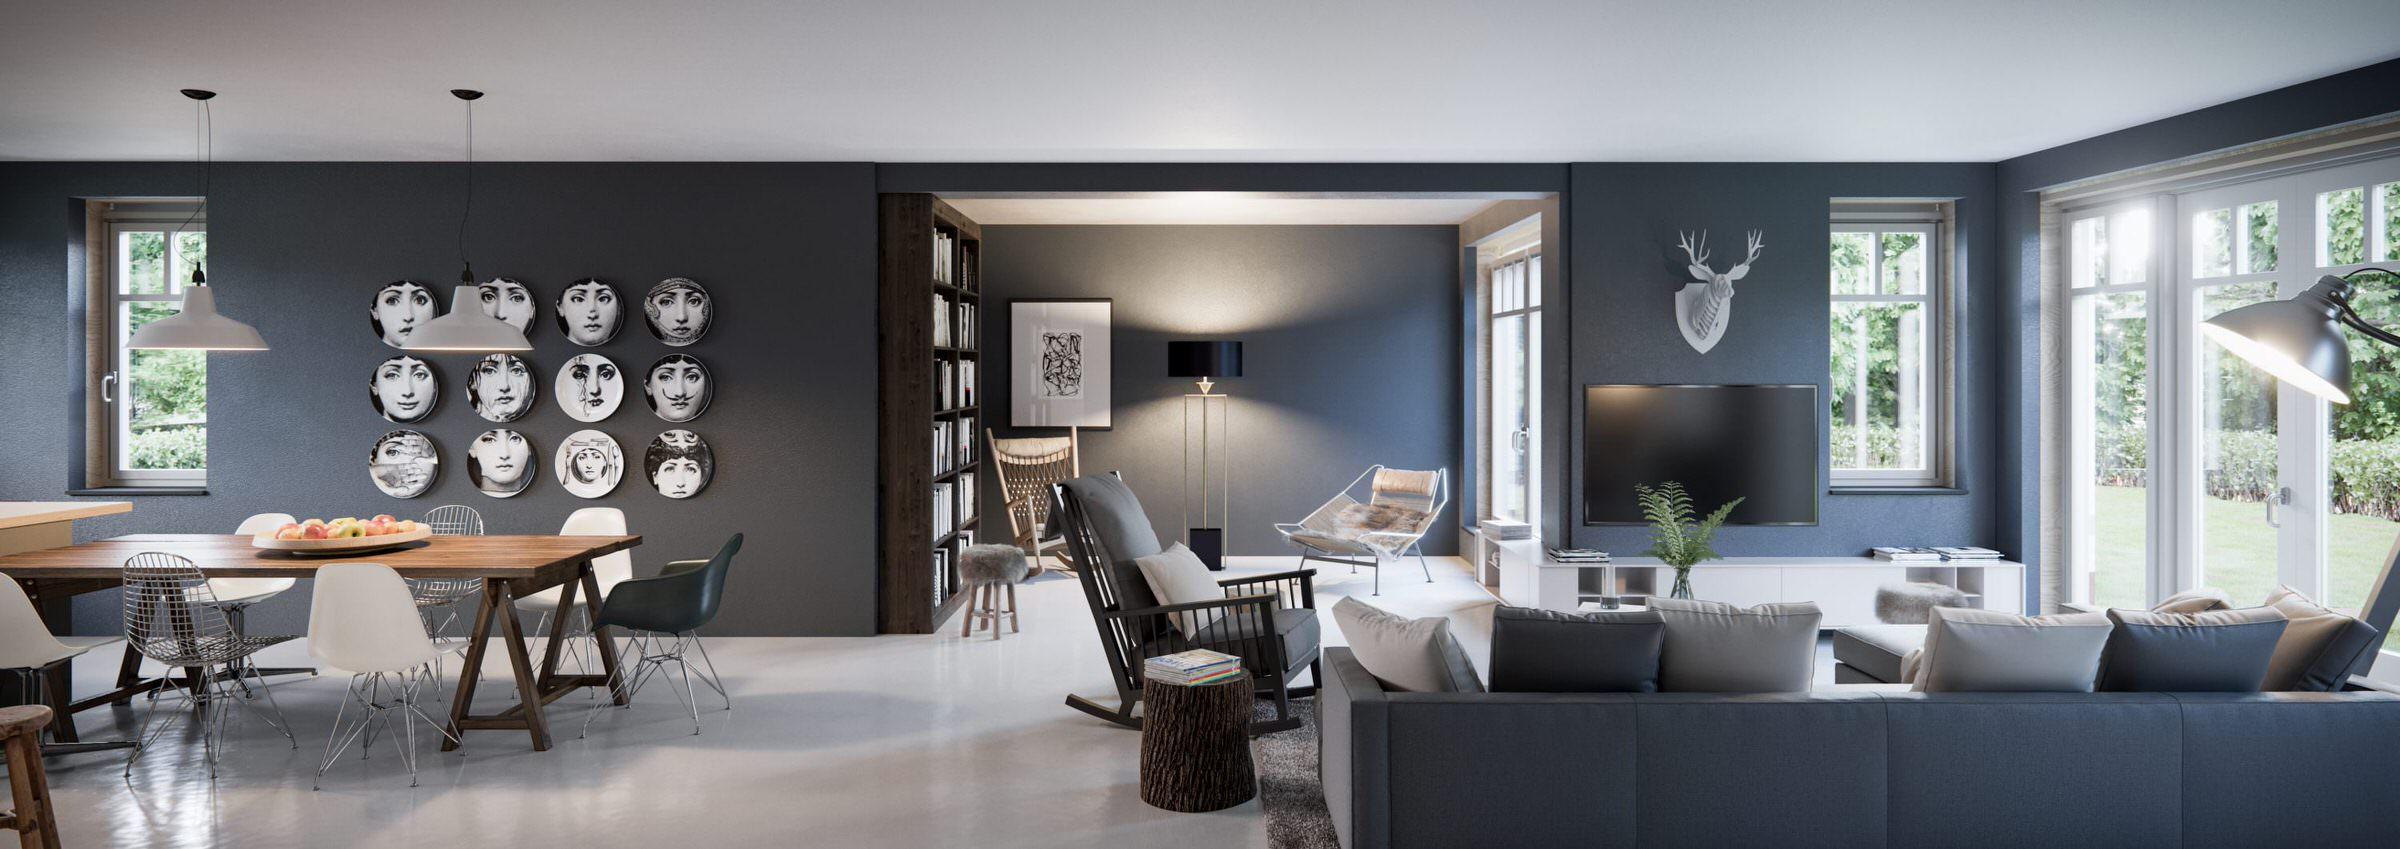 Gewoon Wonen - Online meubelspecialist